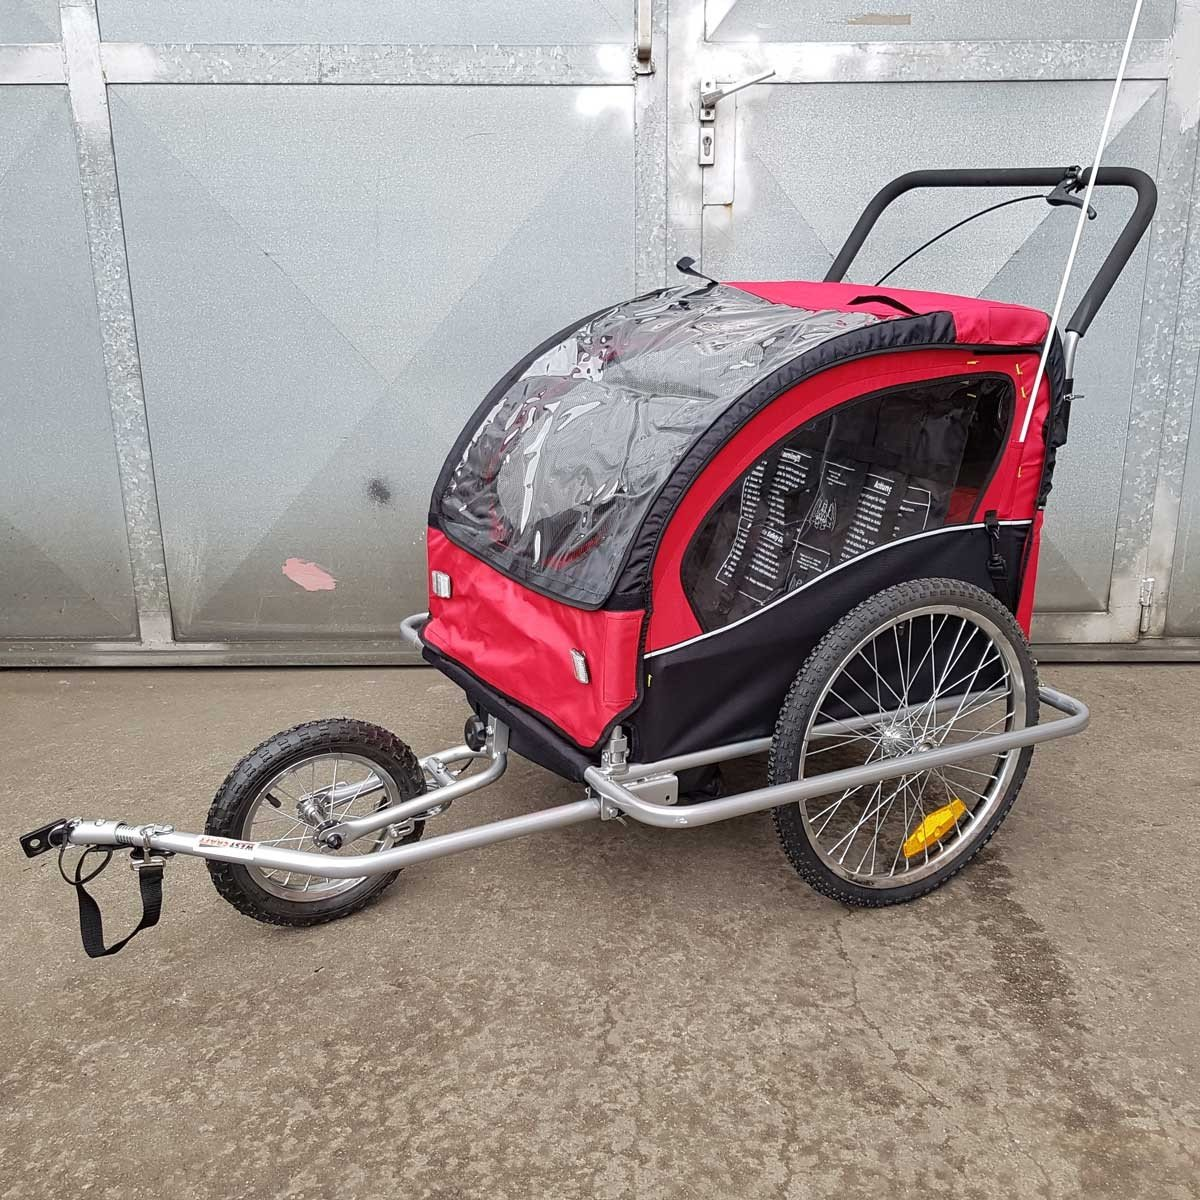 2in1 Fahrradanhänger Jogger Kinderanhänger Kinder Radanhänger rot schwarz